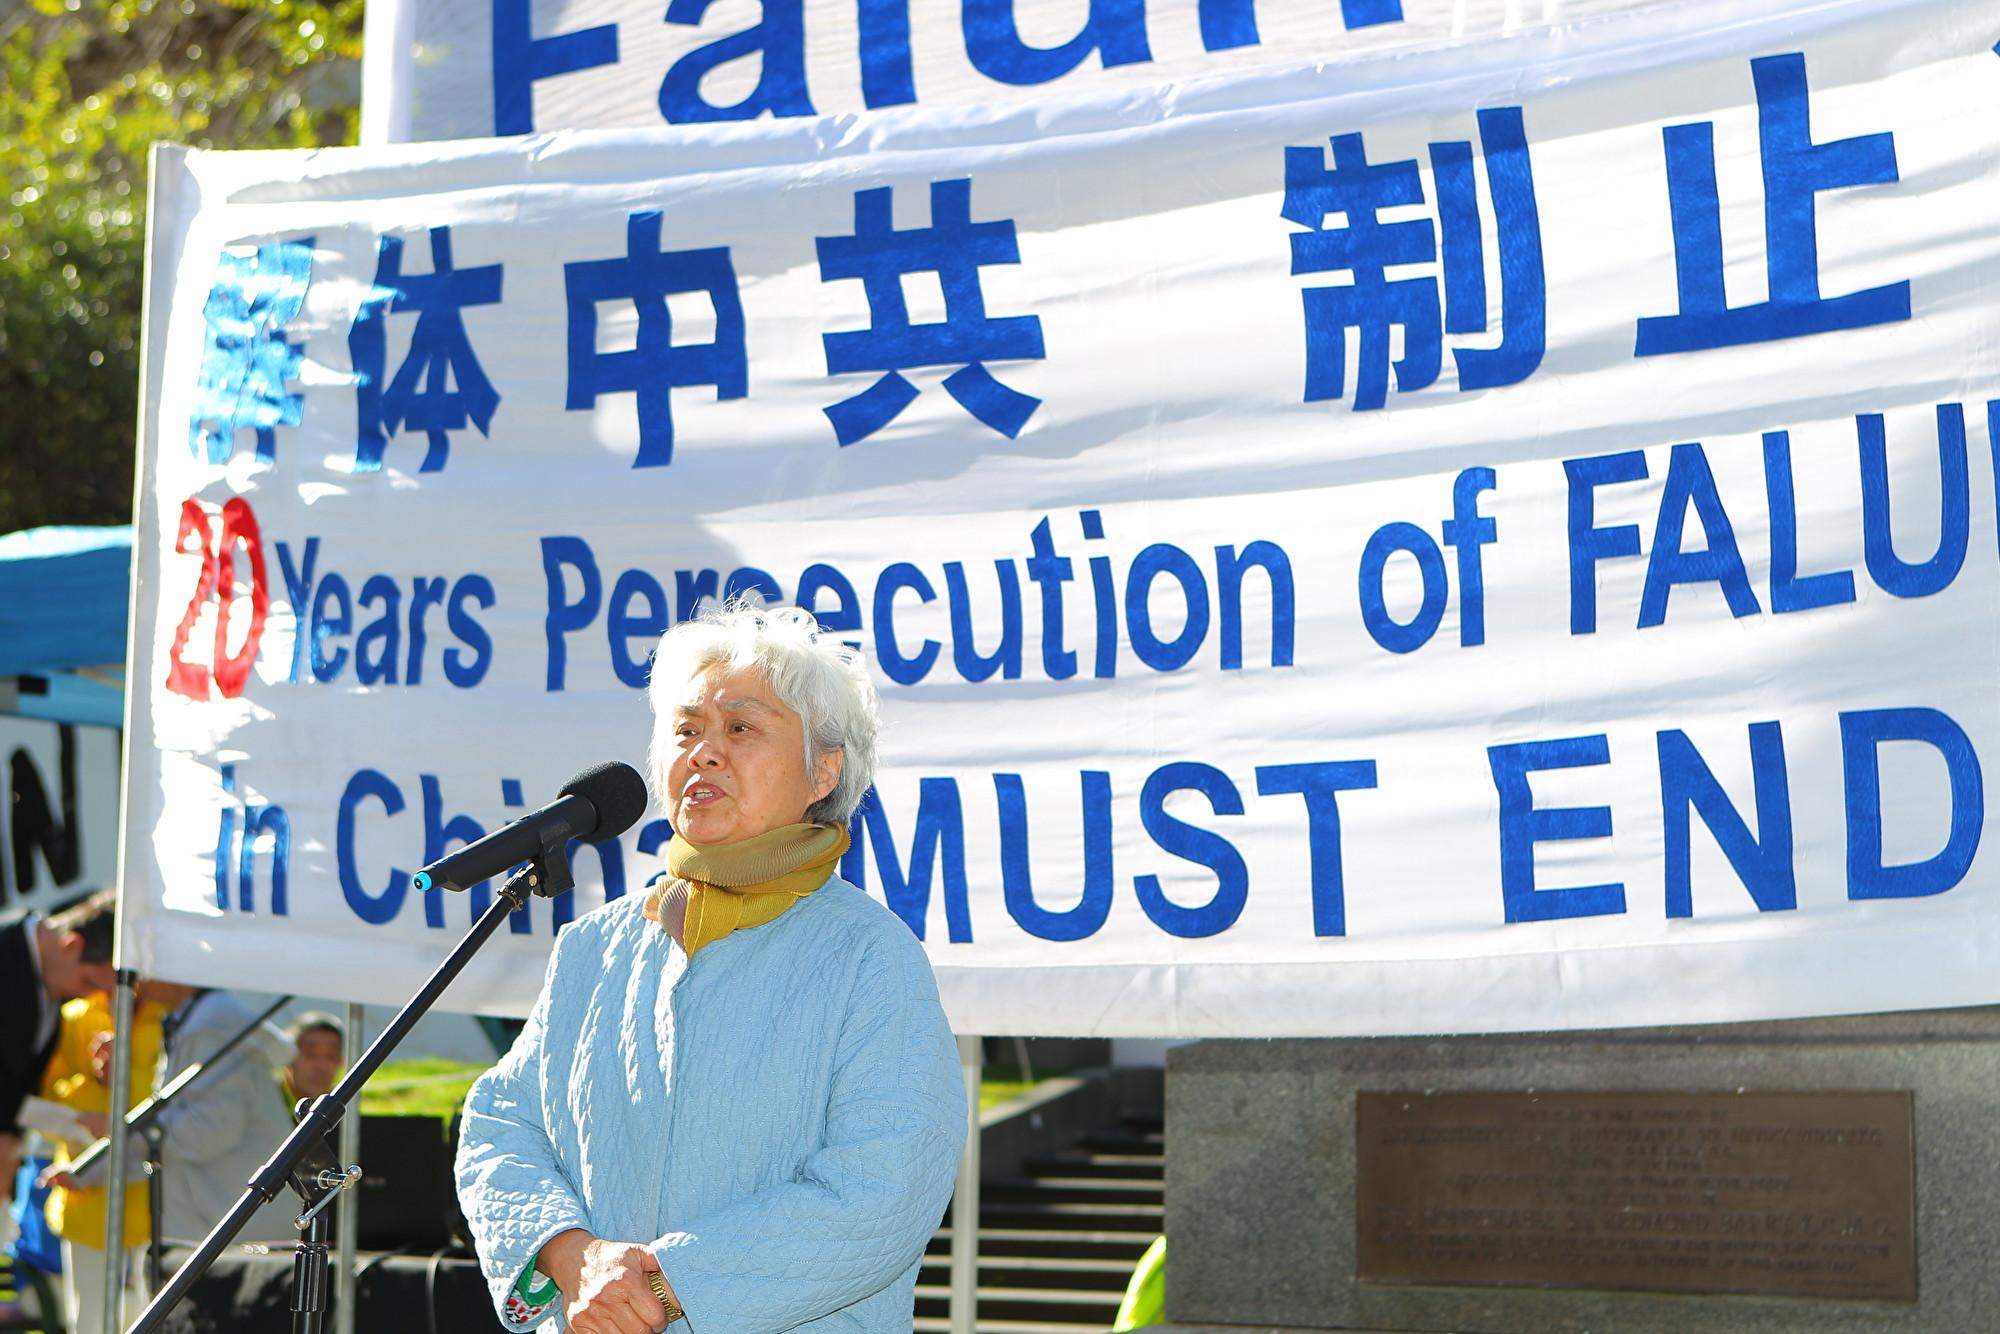 澳洲知名華裔女作家、獨立中文筆會副會長齊家貞表示,中共對法輪功的迫害失敗,是法輪功創造的奇蹟。(陳明/大紀元)